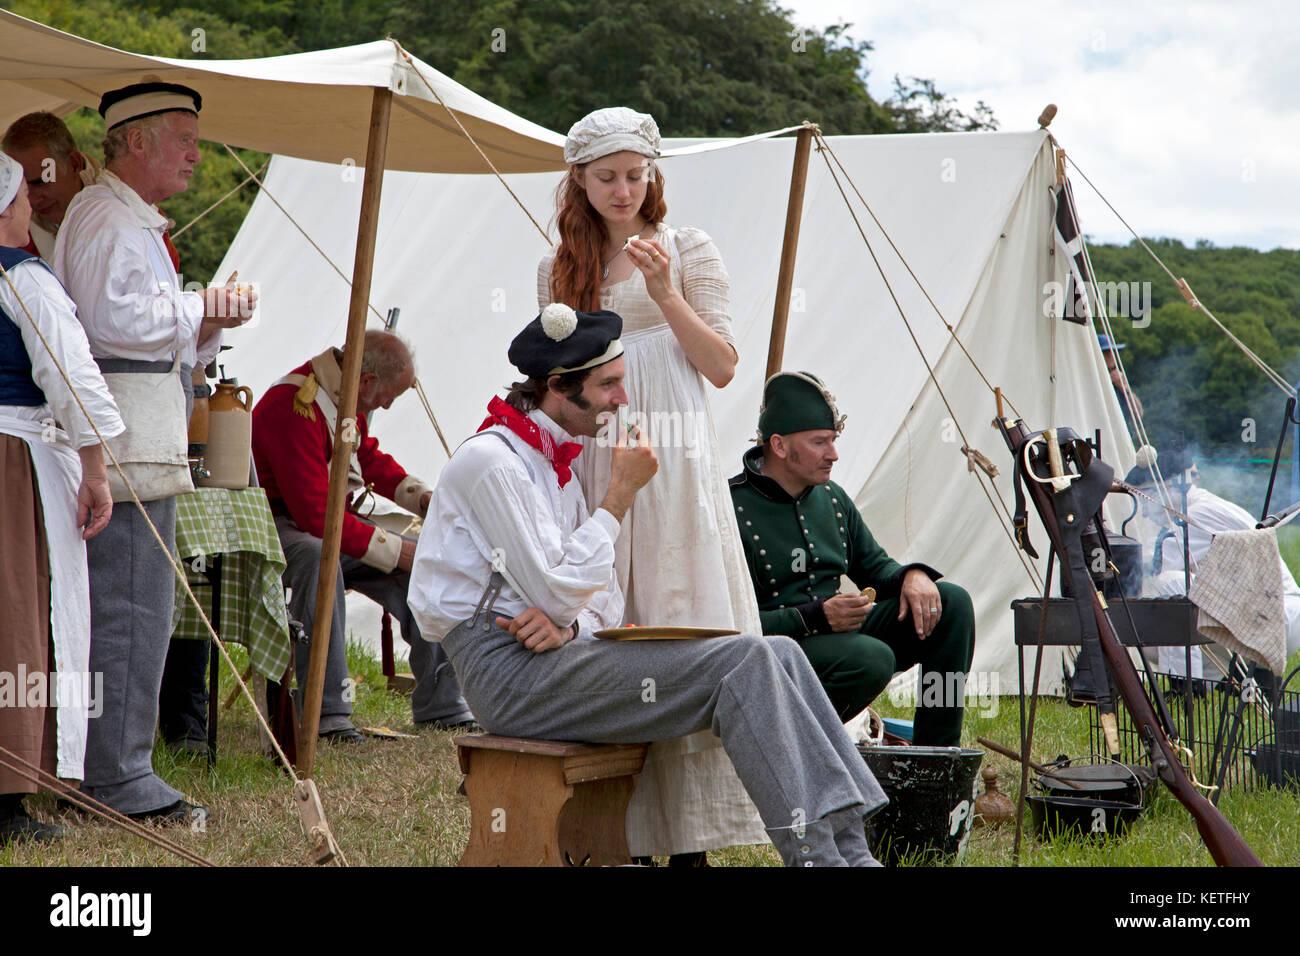 Männer und Frauen in historischen Kostümen, die an einer Geschichte Festival gekleidet. Stockbild